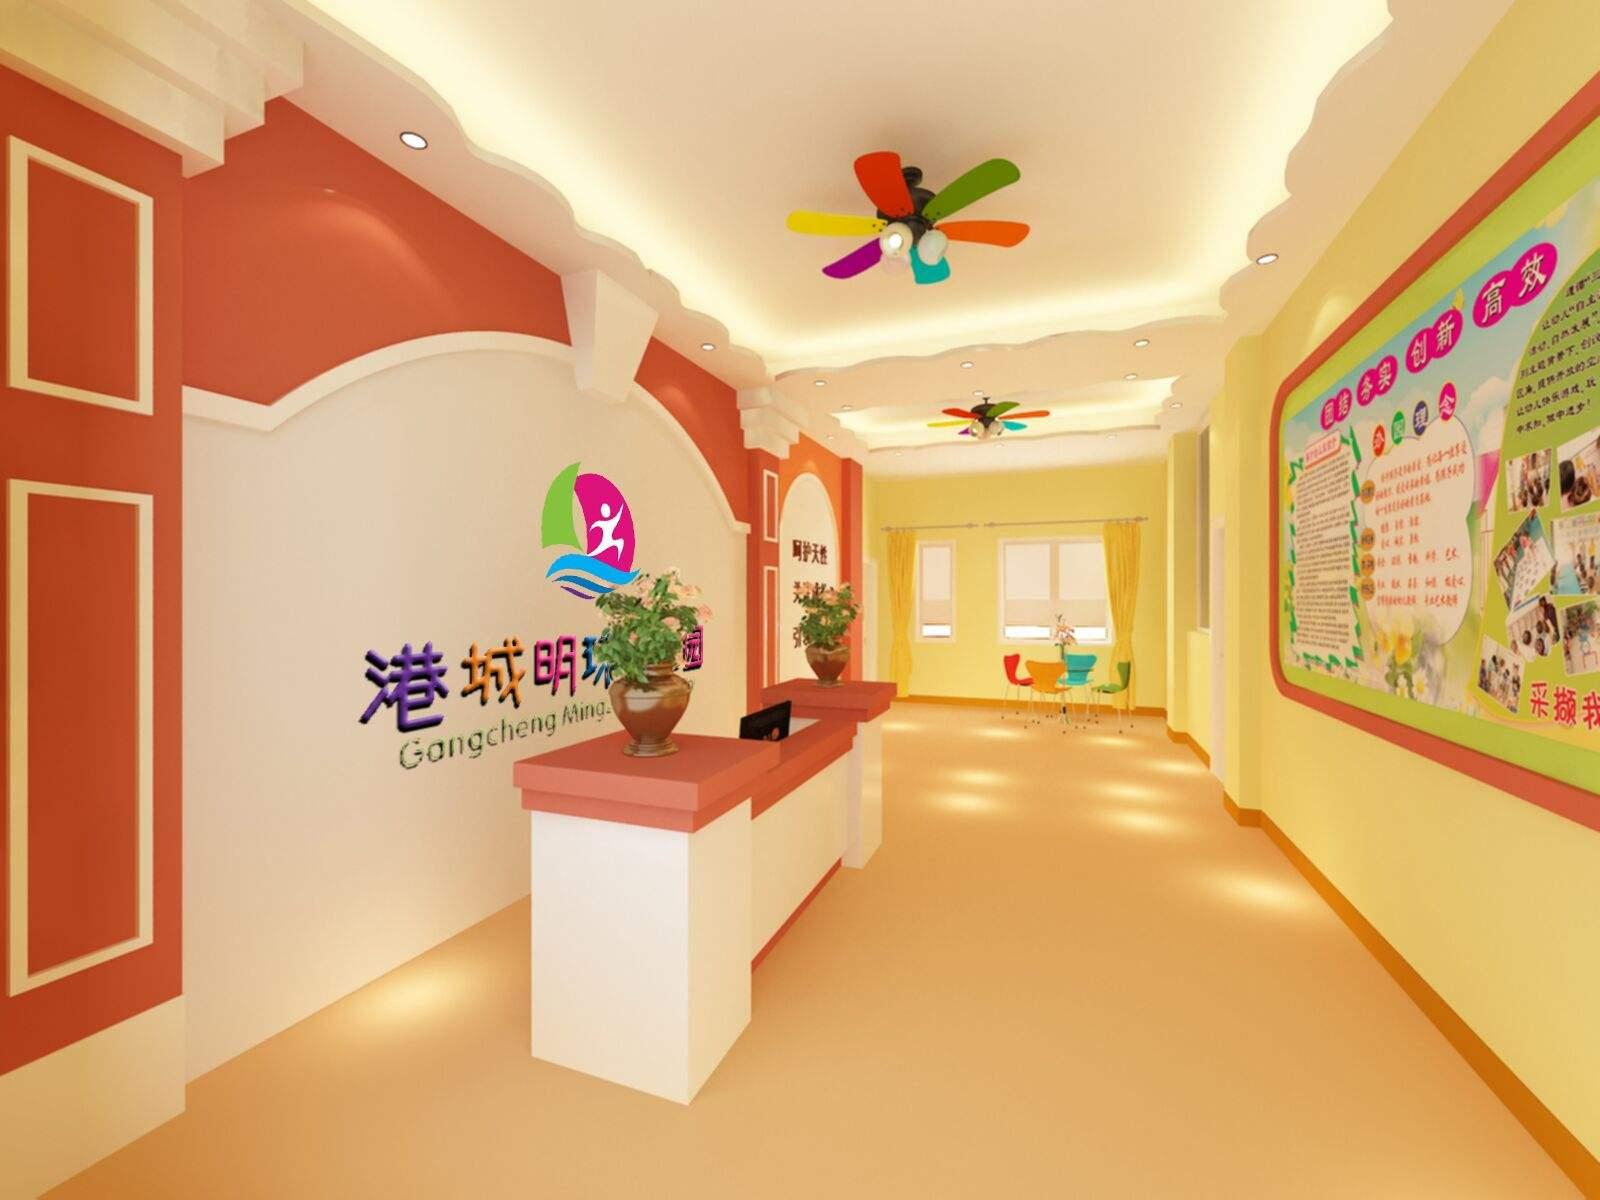 佛山沛涂 耐腐蚀 幼儿园专用地坪漆高清图片 高清大图